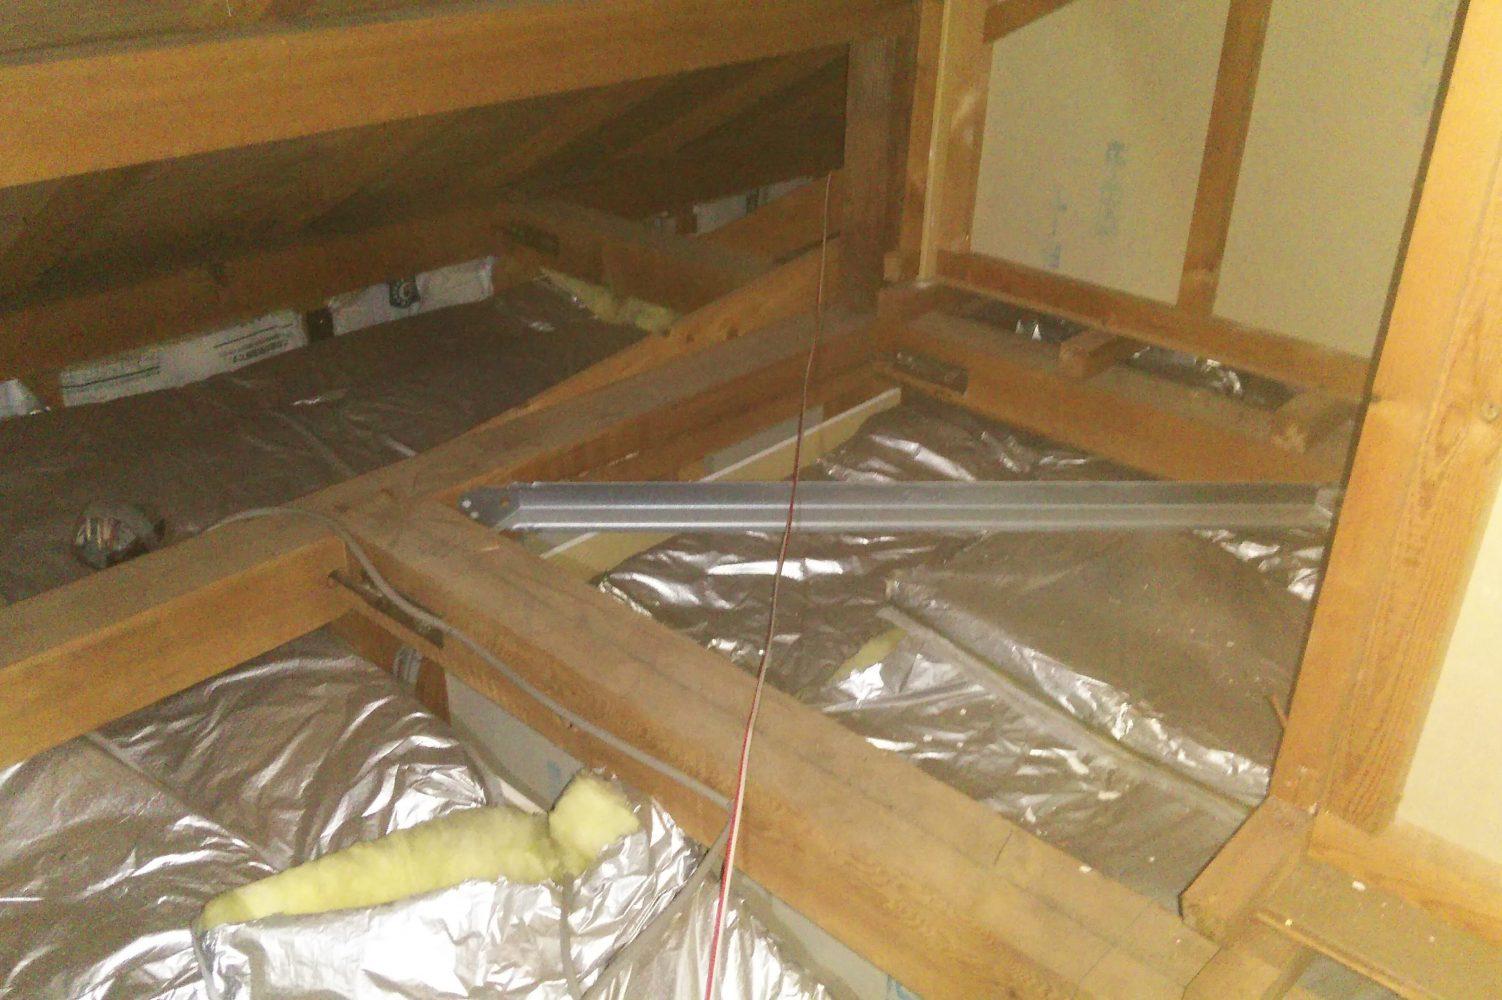 小屋裏空間がまるごと断熱区画がされていない状態